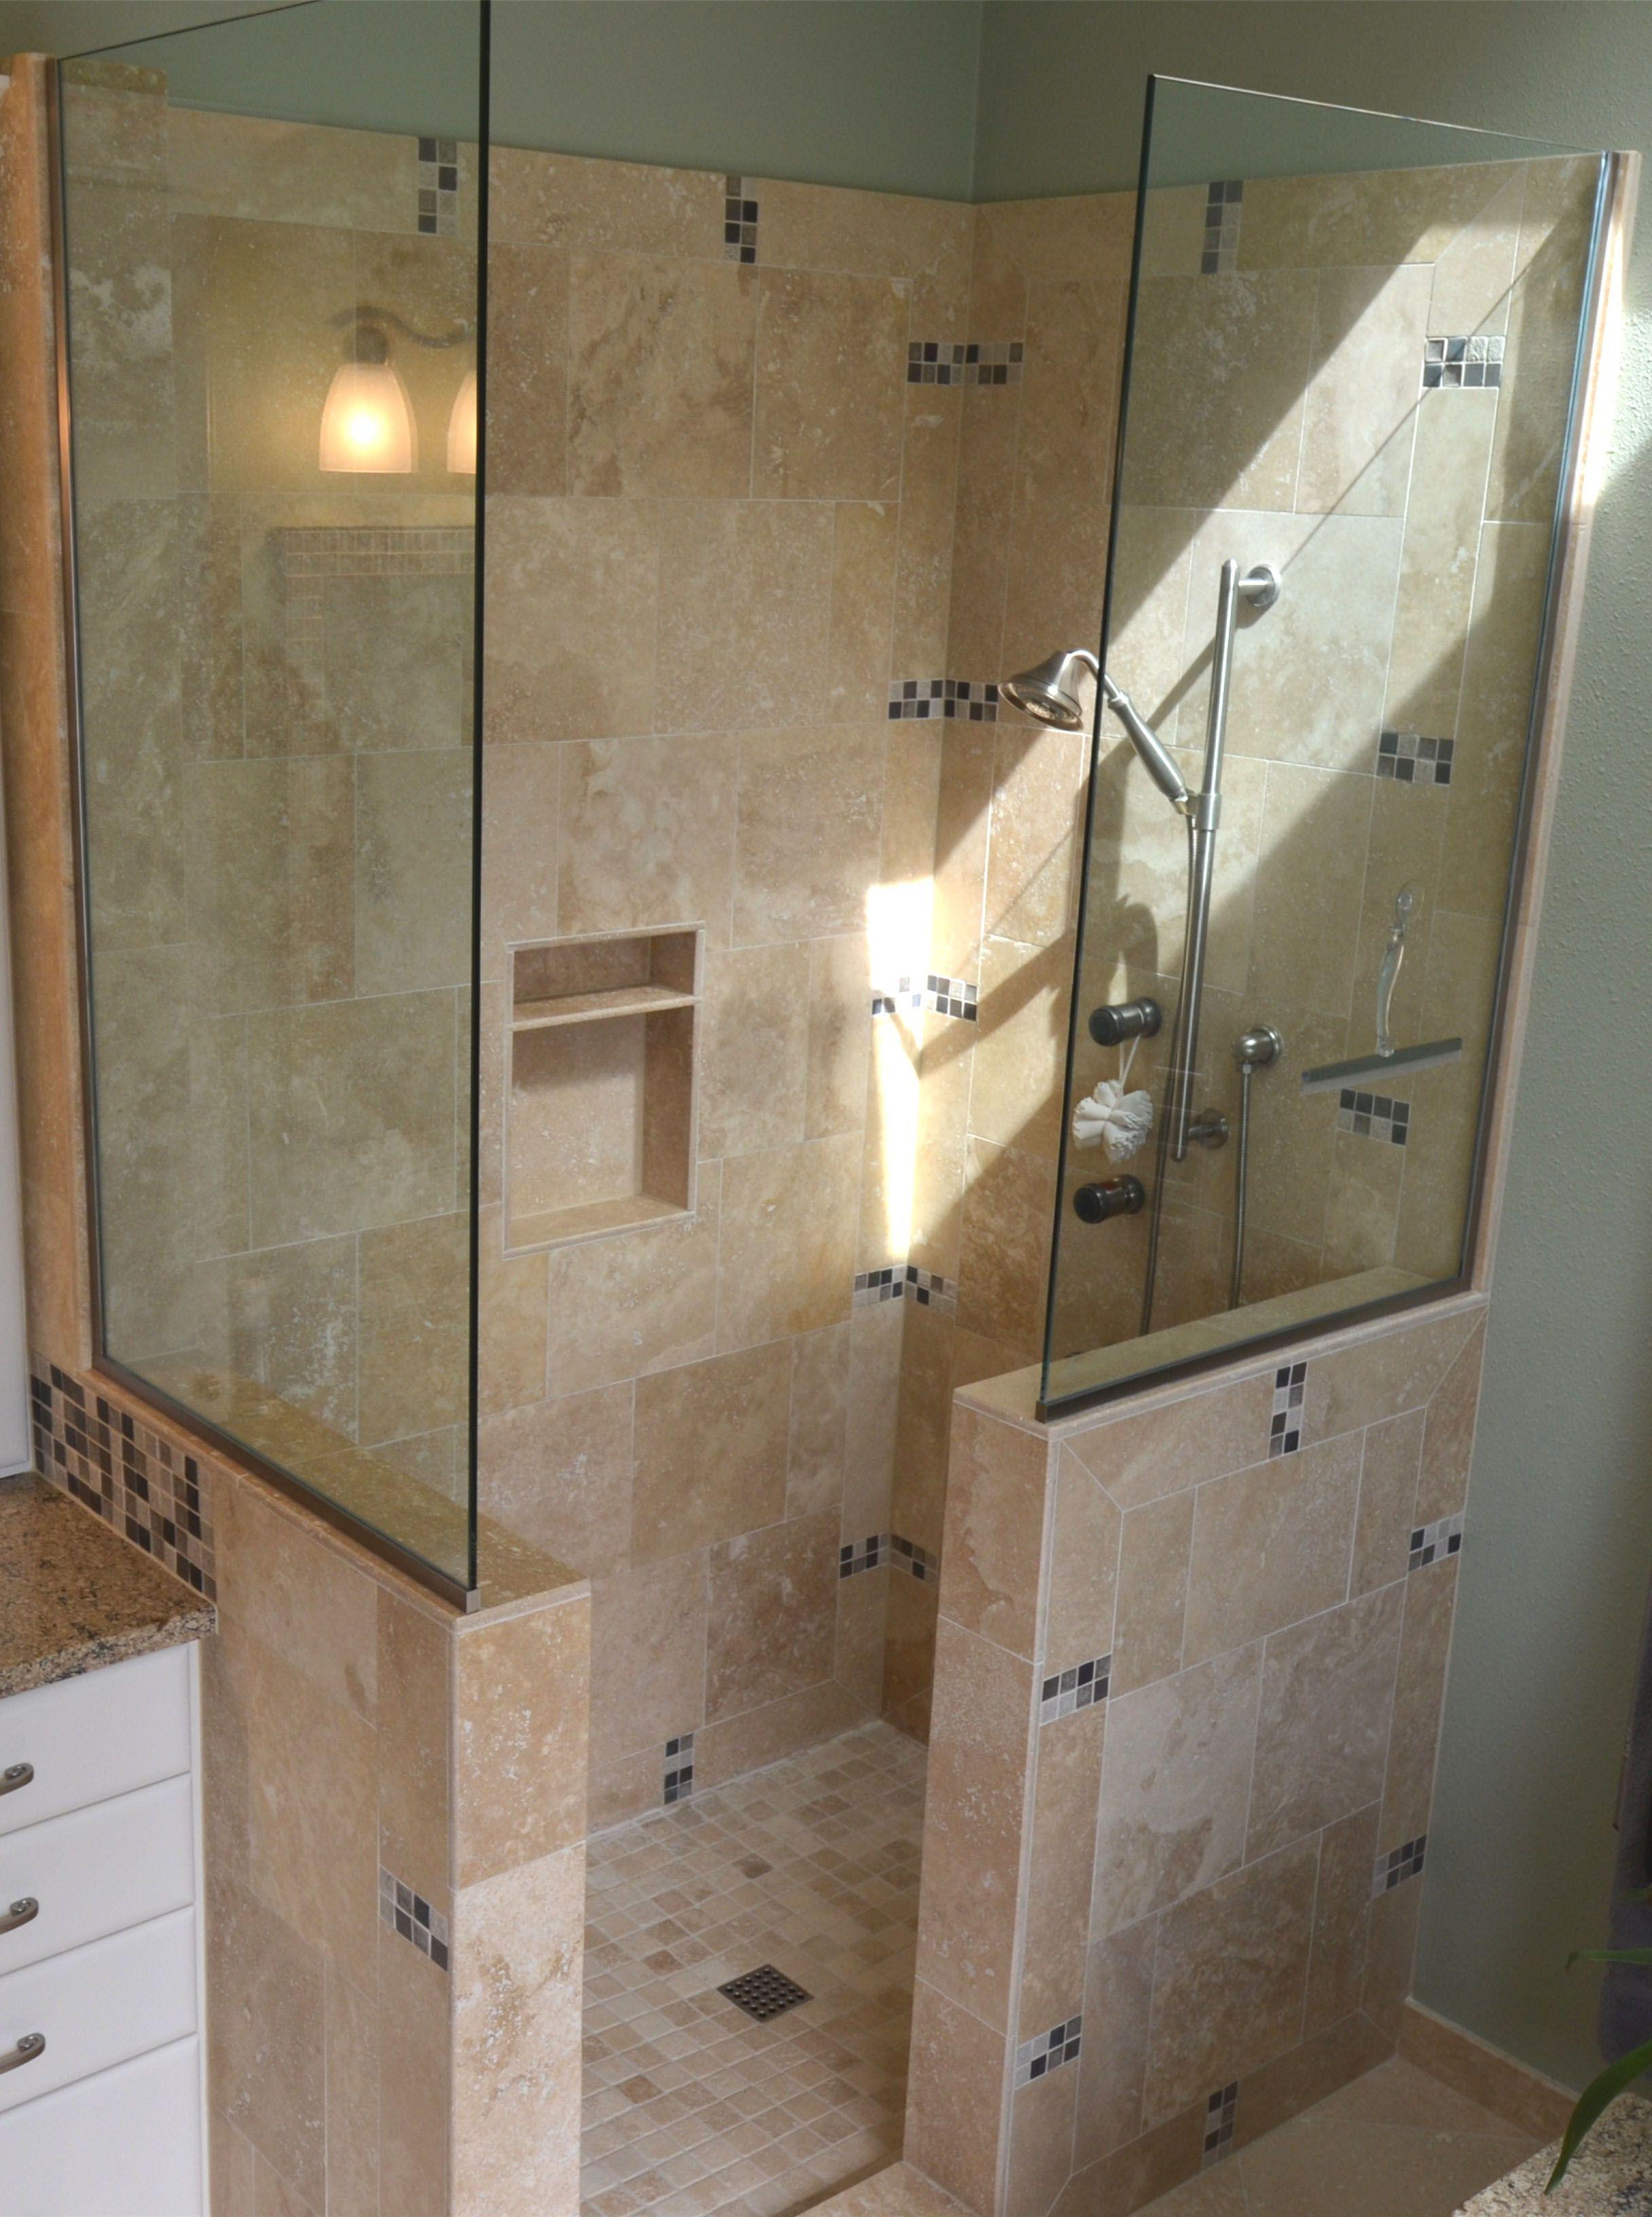 Gallery Showers Dales Remodeling Salem Oregon Dont Like Tile - Master bathroom shower dimensions